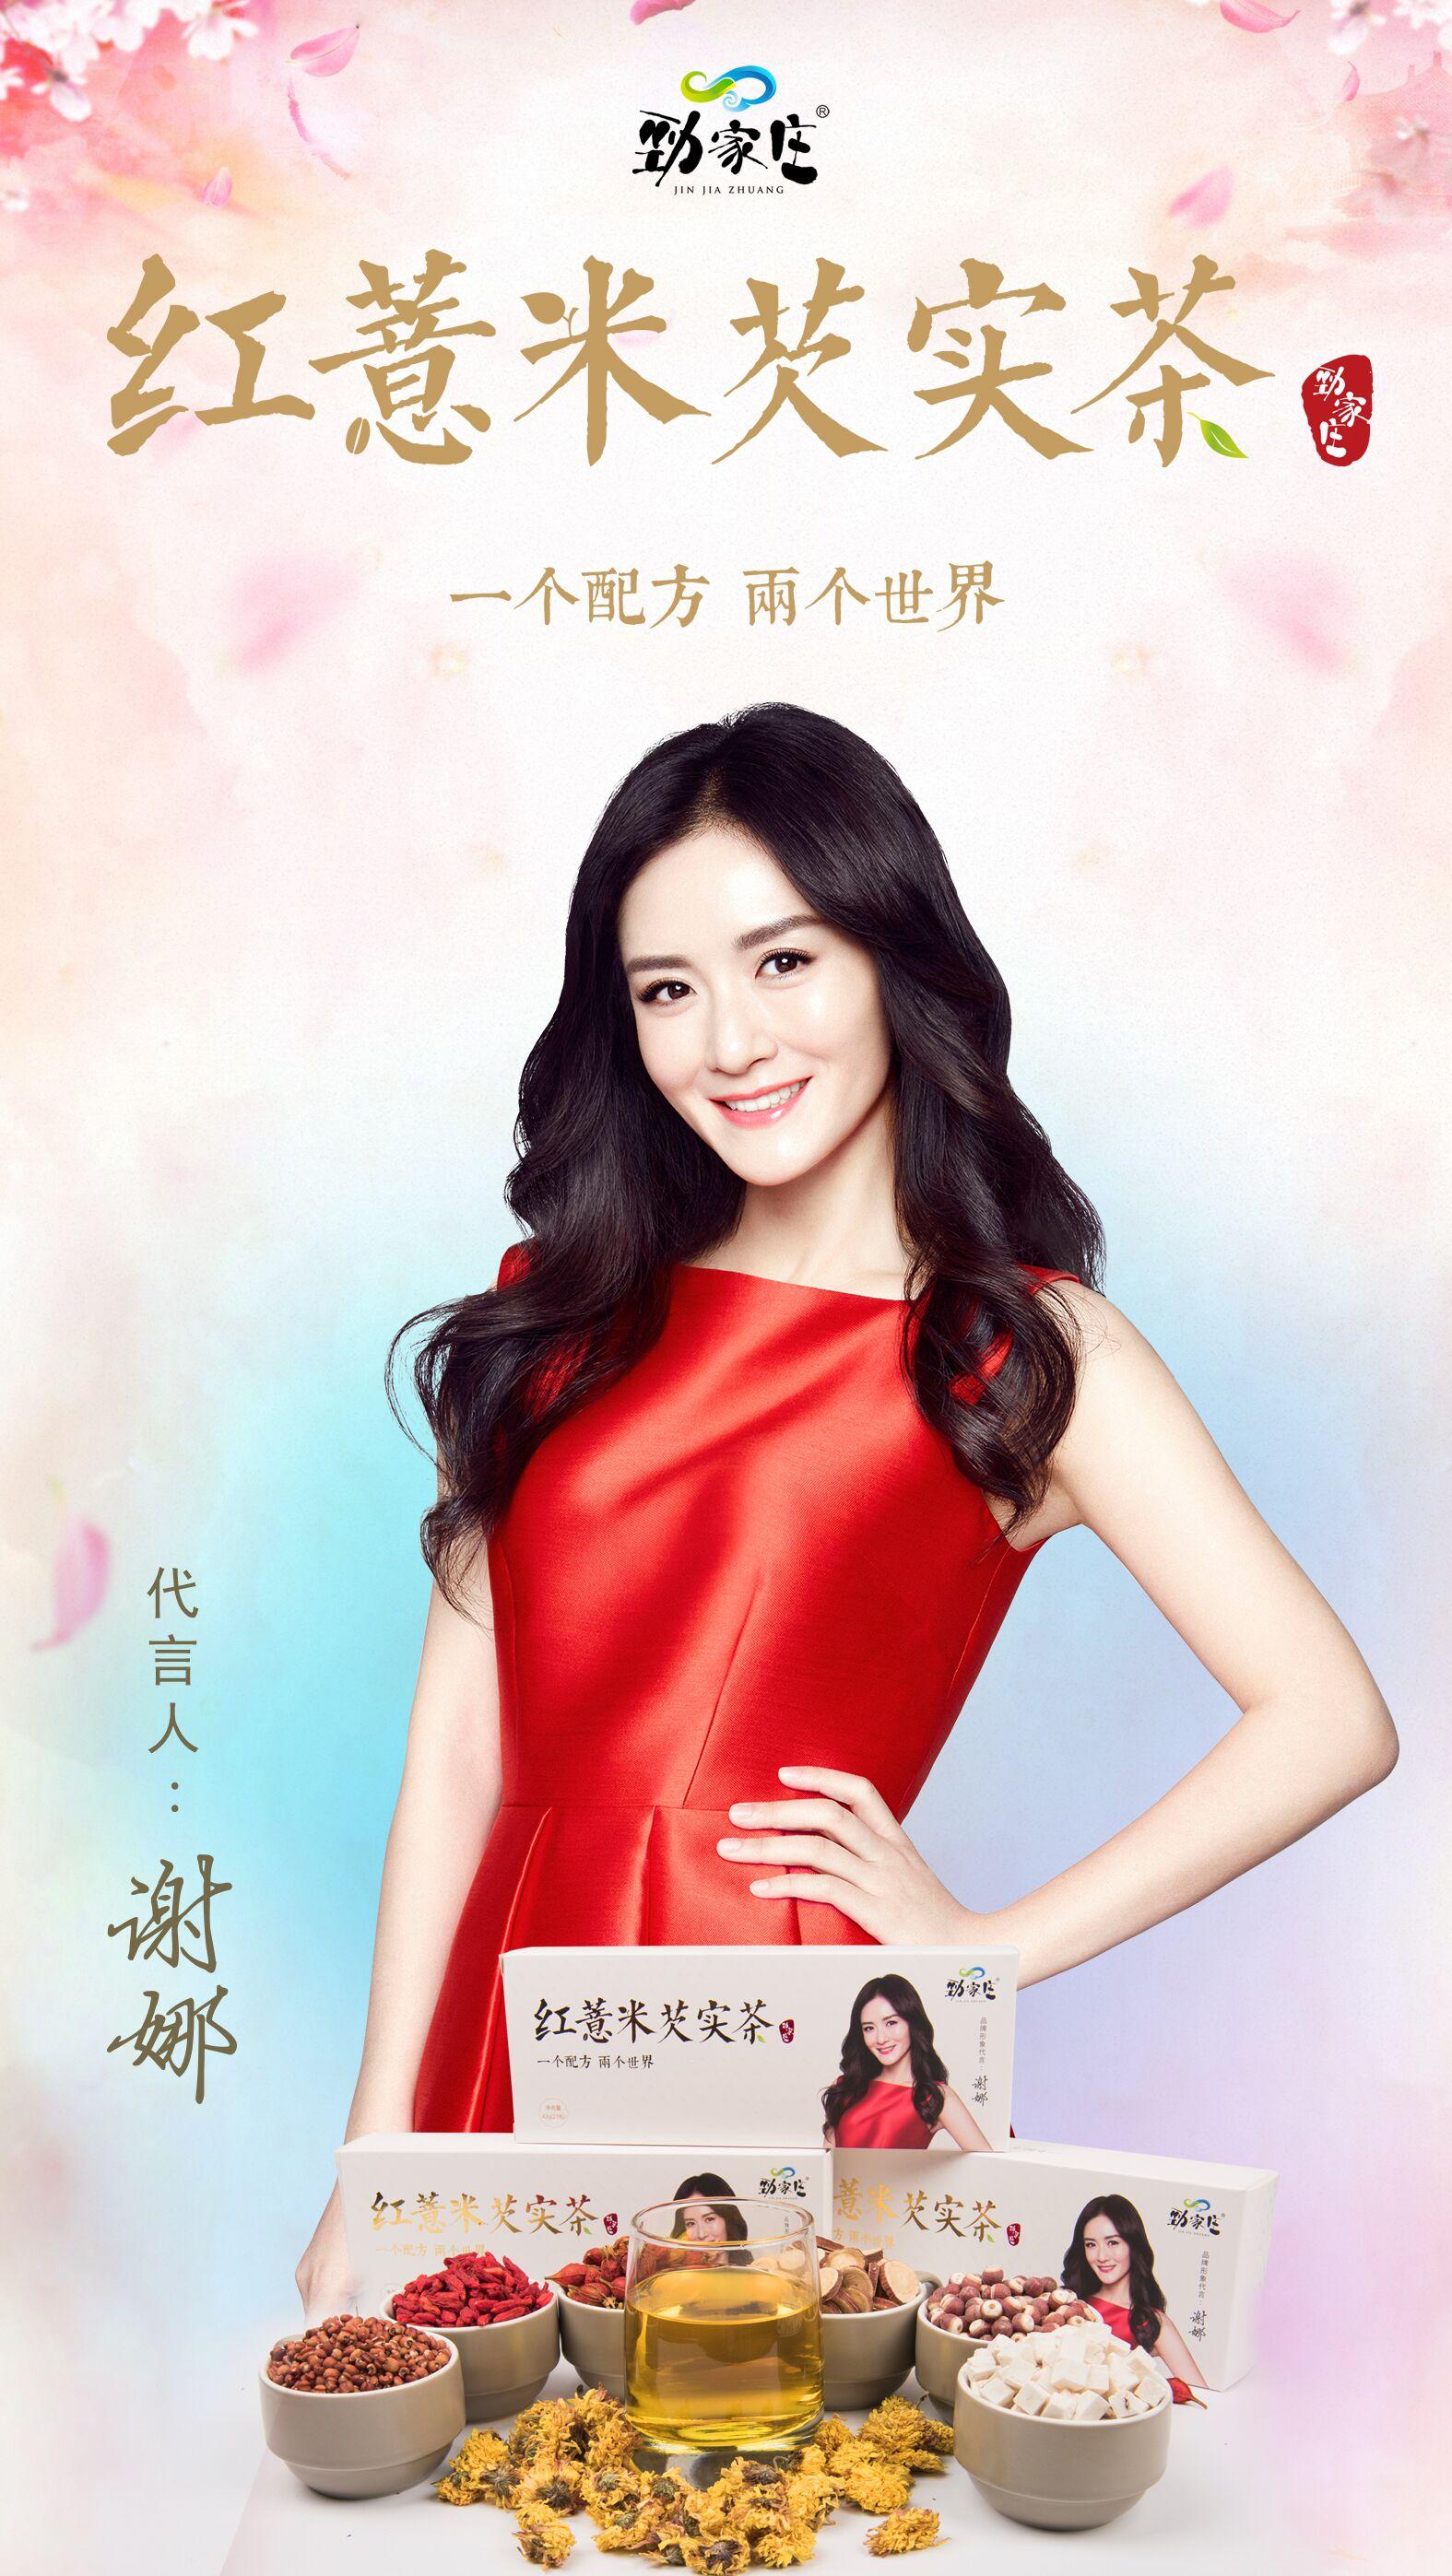 这是第1张红薏米芡实茶明星代言大品牌微商爆款劲家庄的货源图片